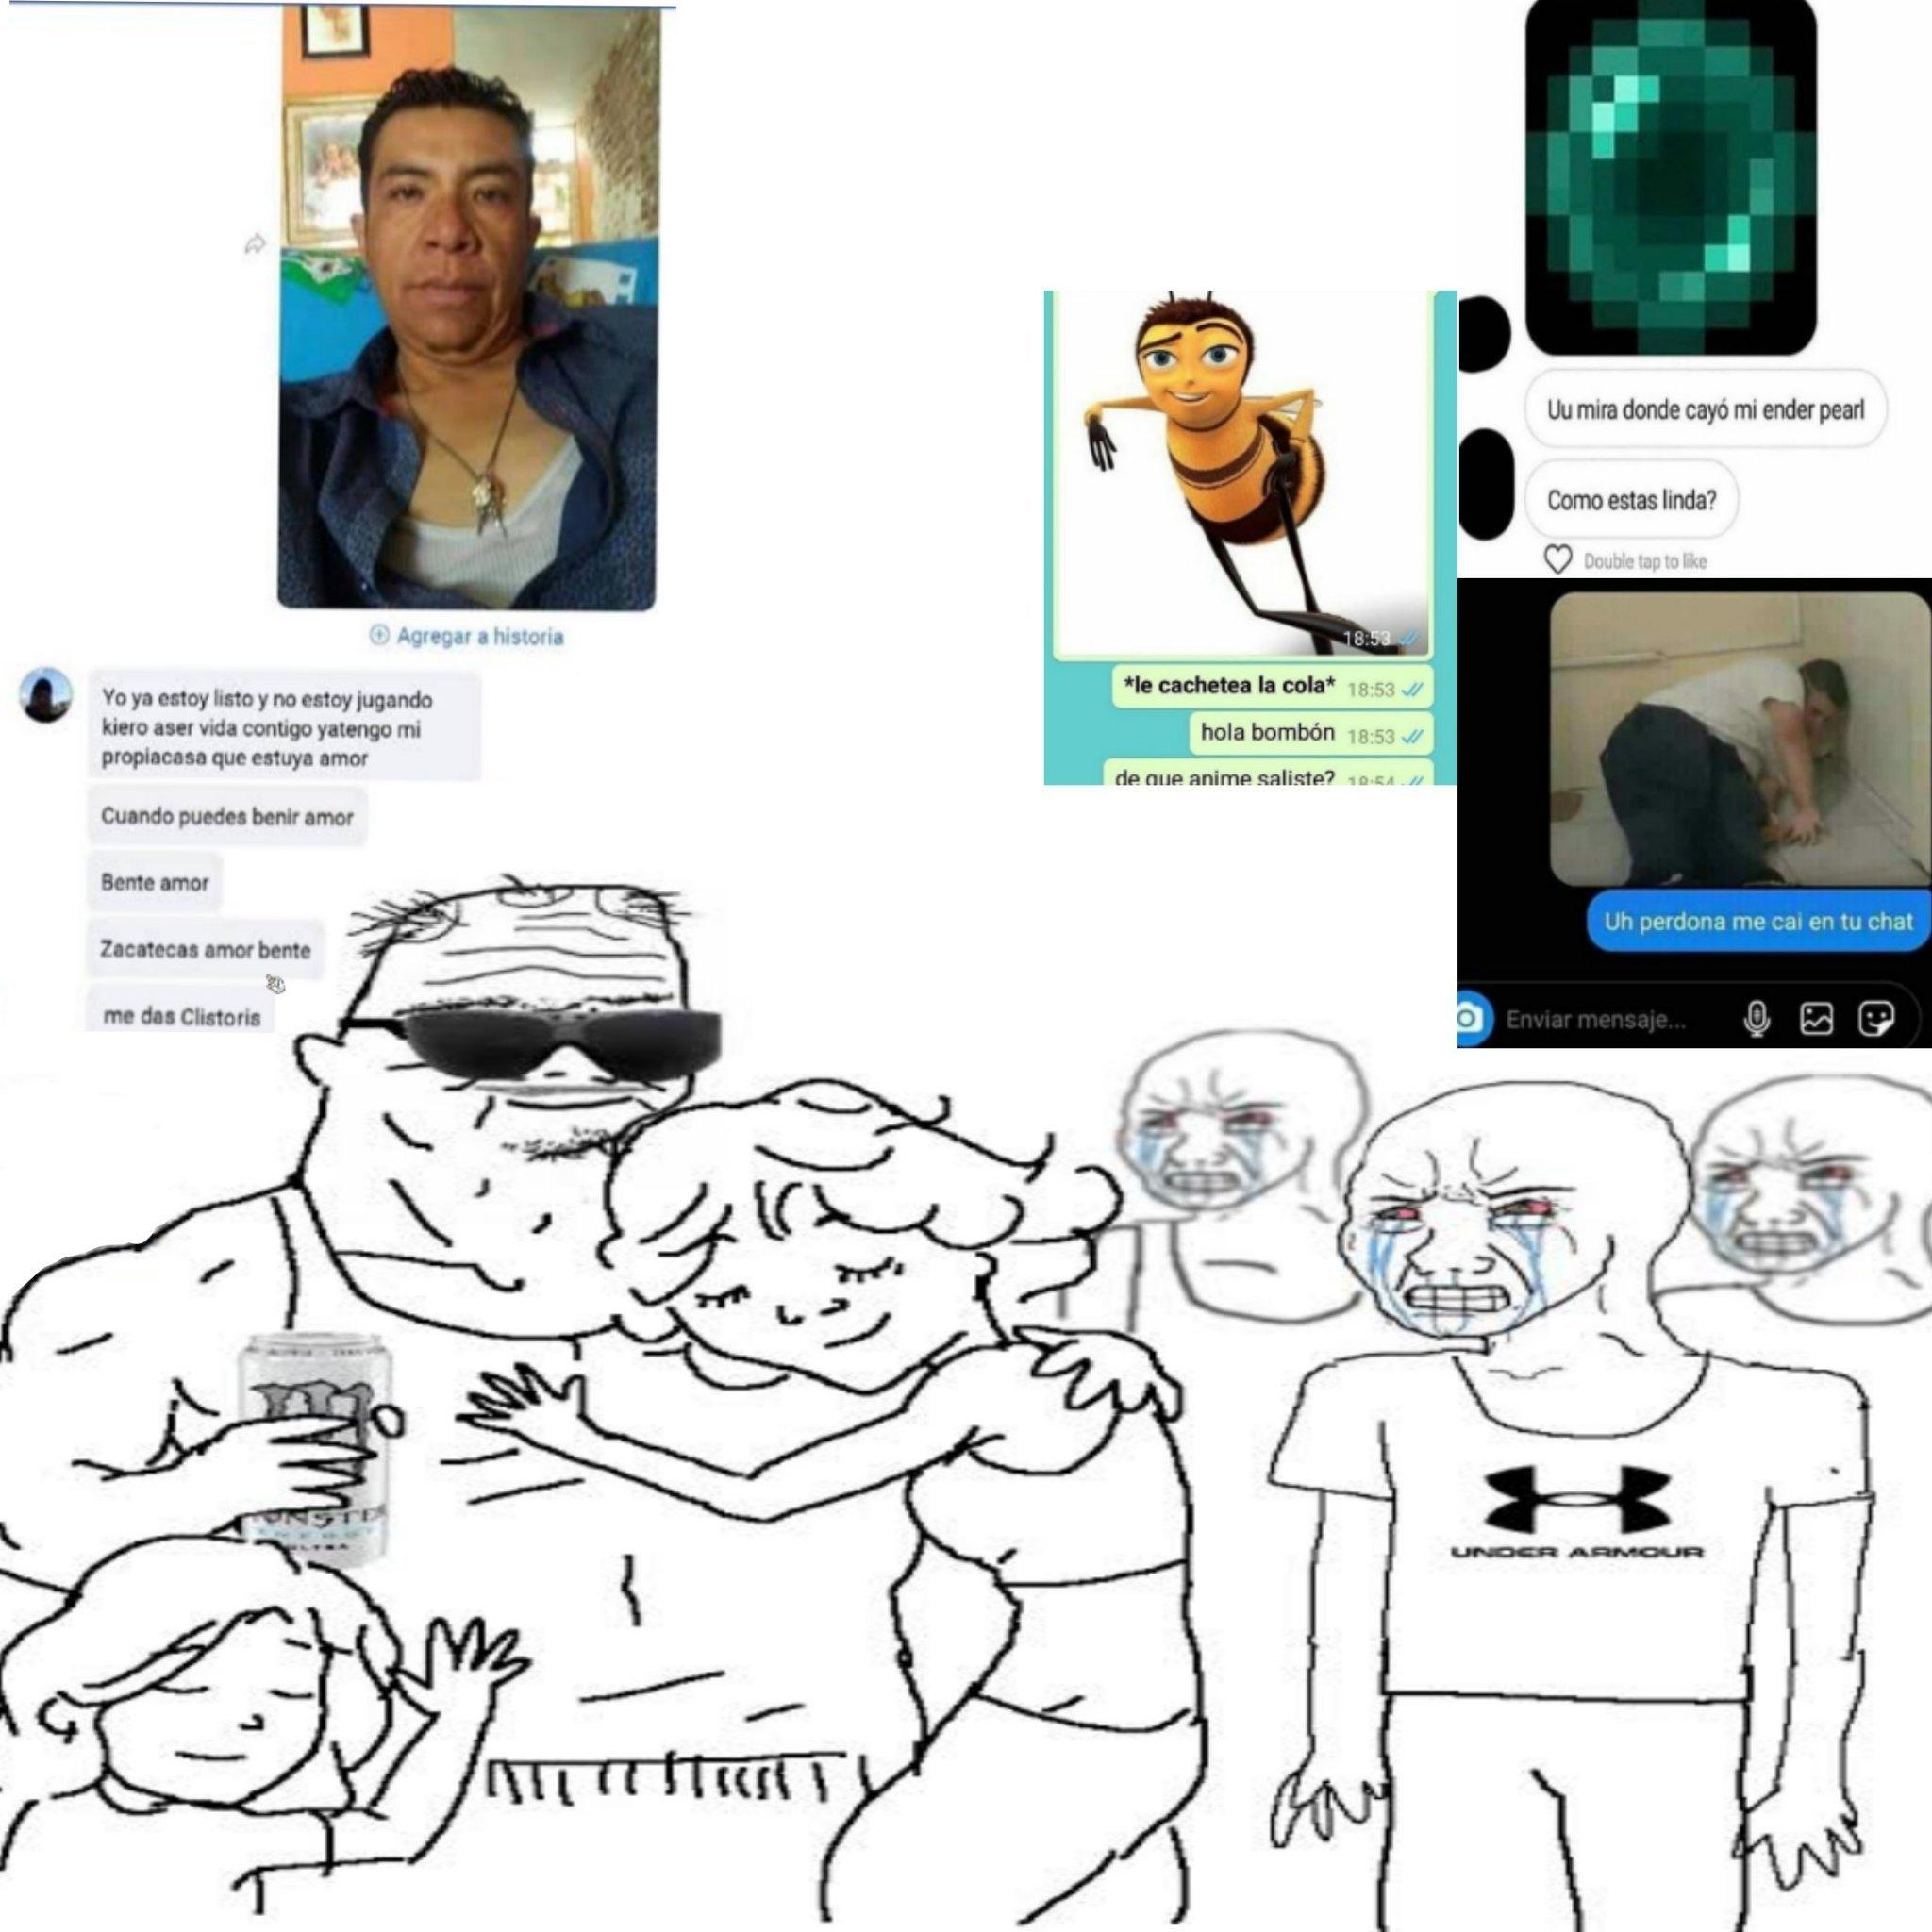 Clistoris - meme